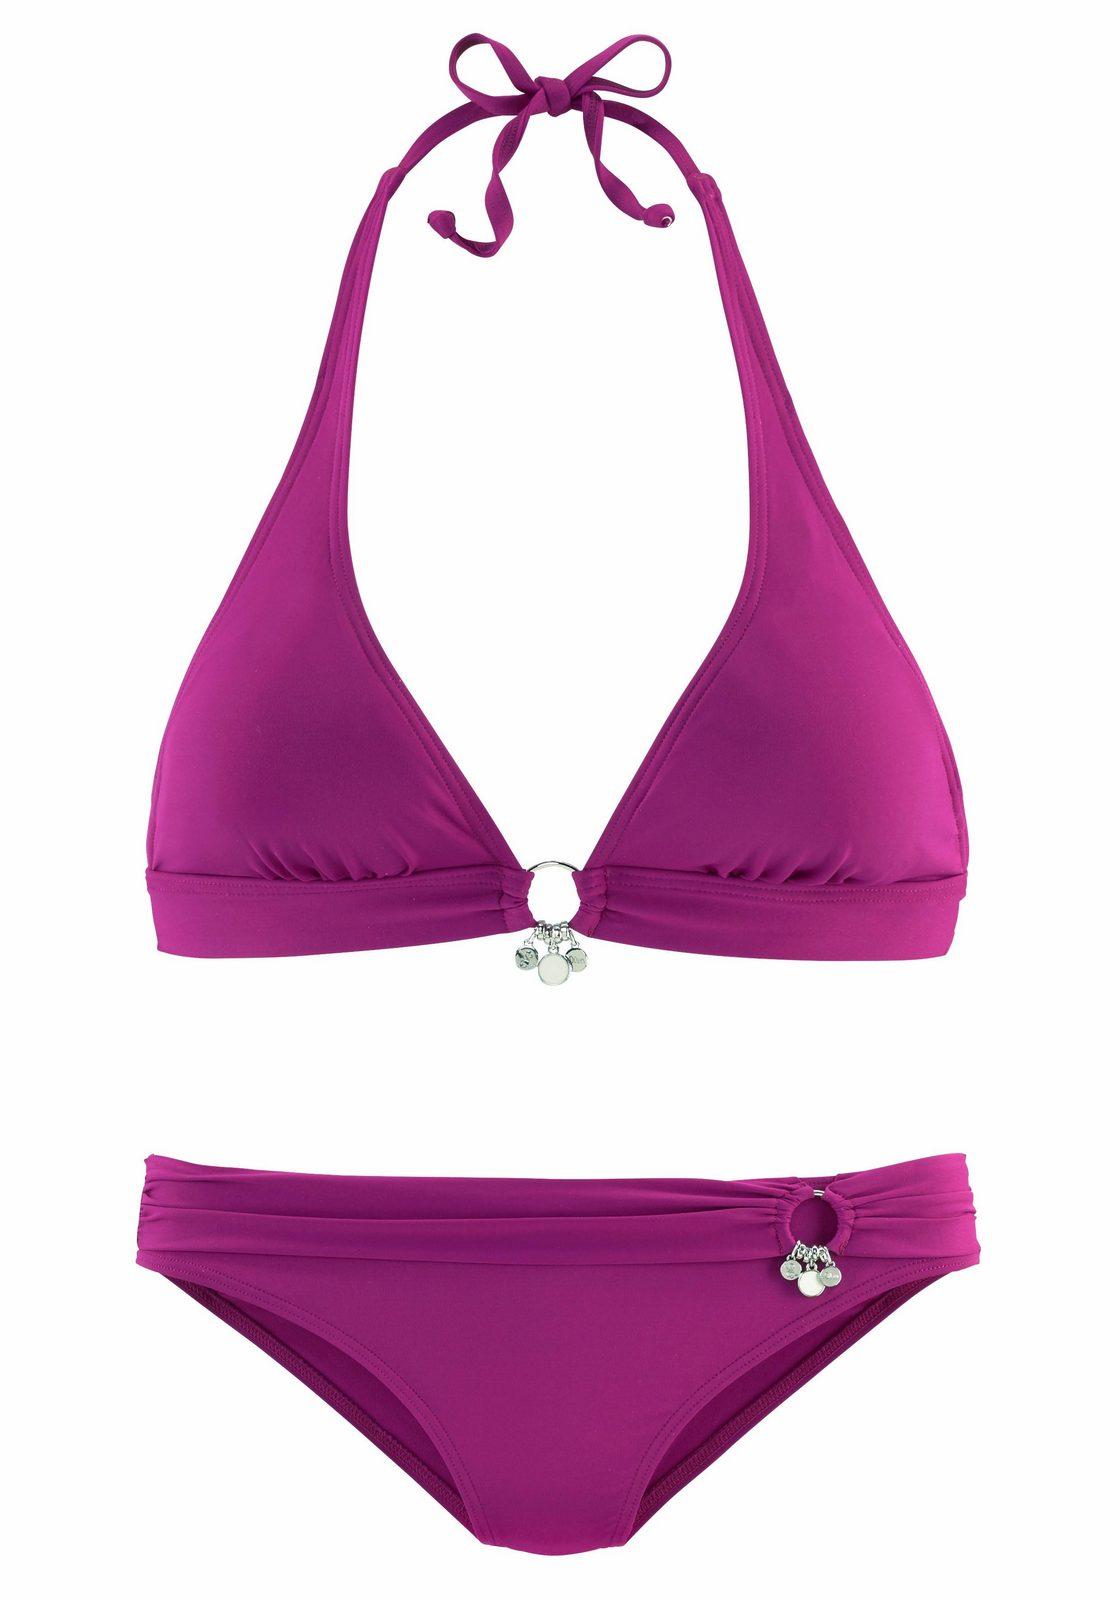 s.Oliver RED LABEL Beachwear Triangel-Bikini mit Accessoires - broschei